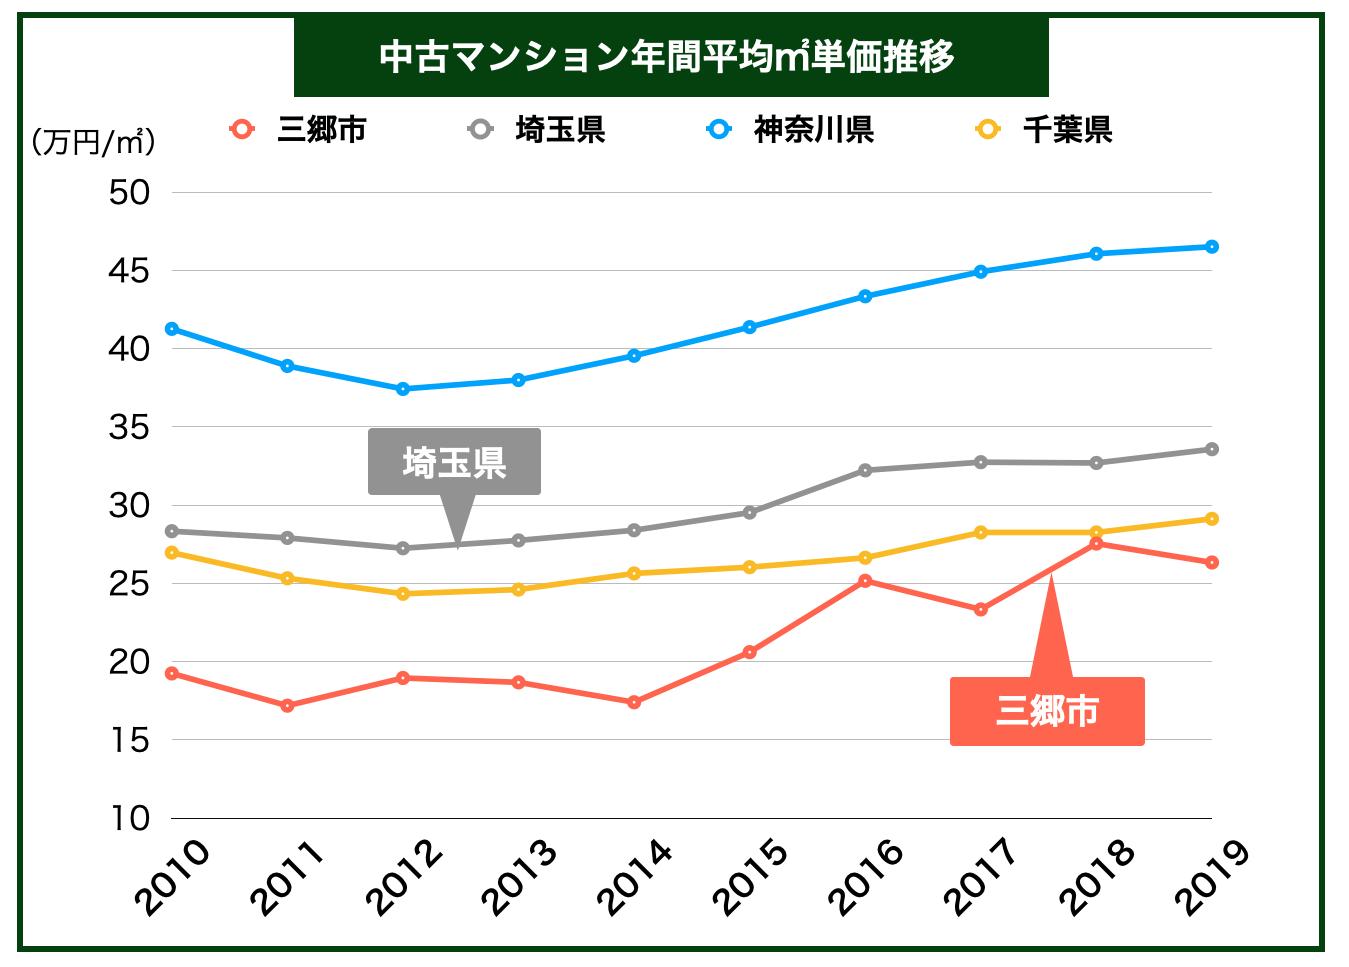 三郷市「中古マンション平均㎡単価推移」